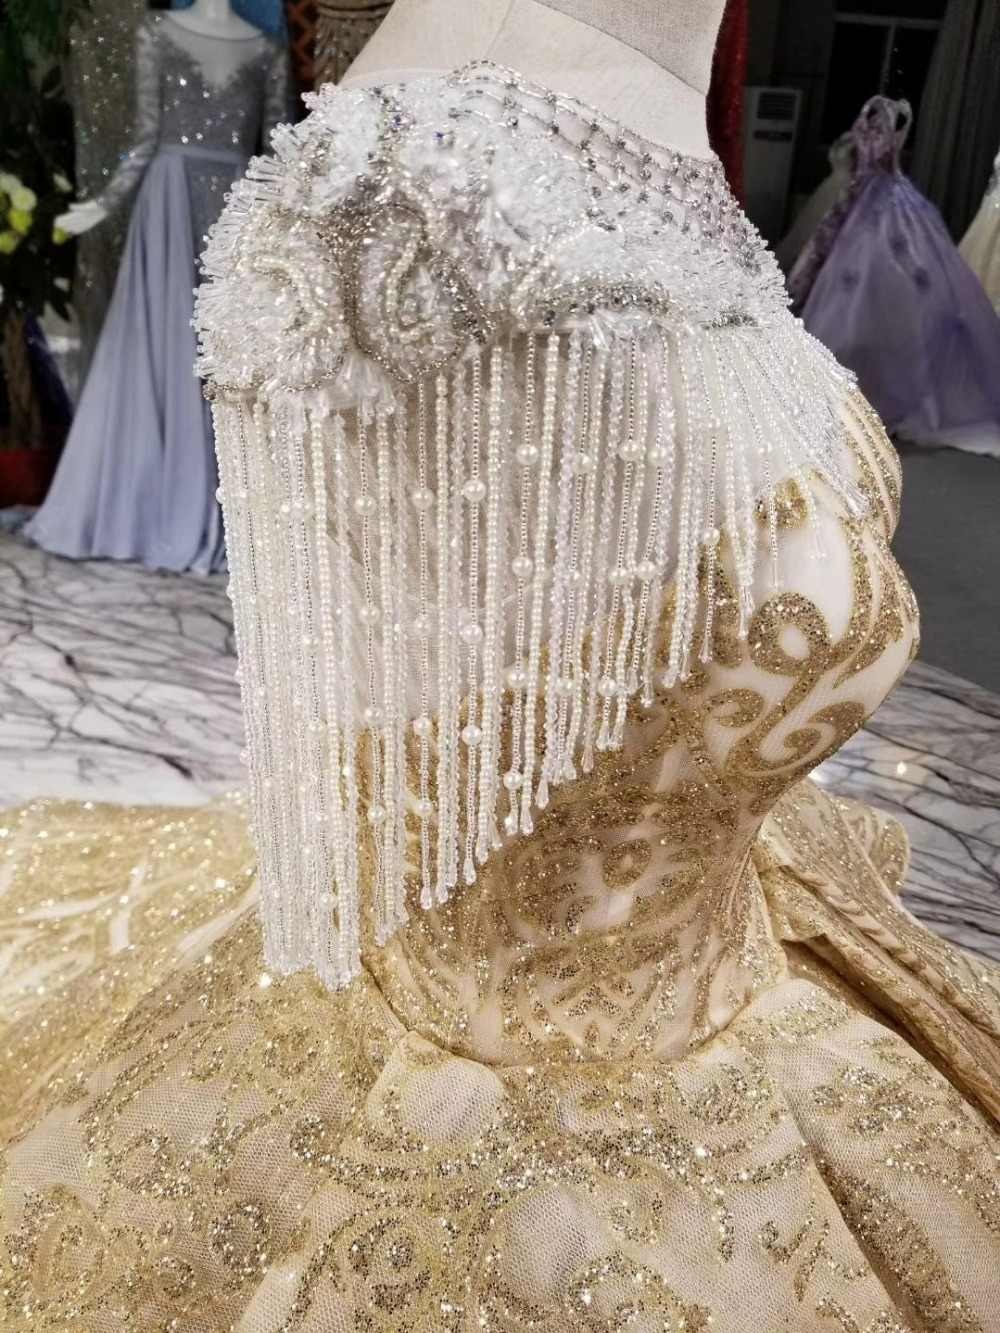 2018 шикарные золотые бальные платья с кисточками Серебристые белые Золотые сверкающие Роскошные свадебные платья